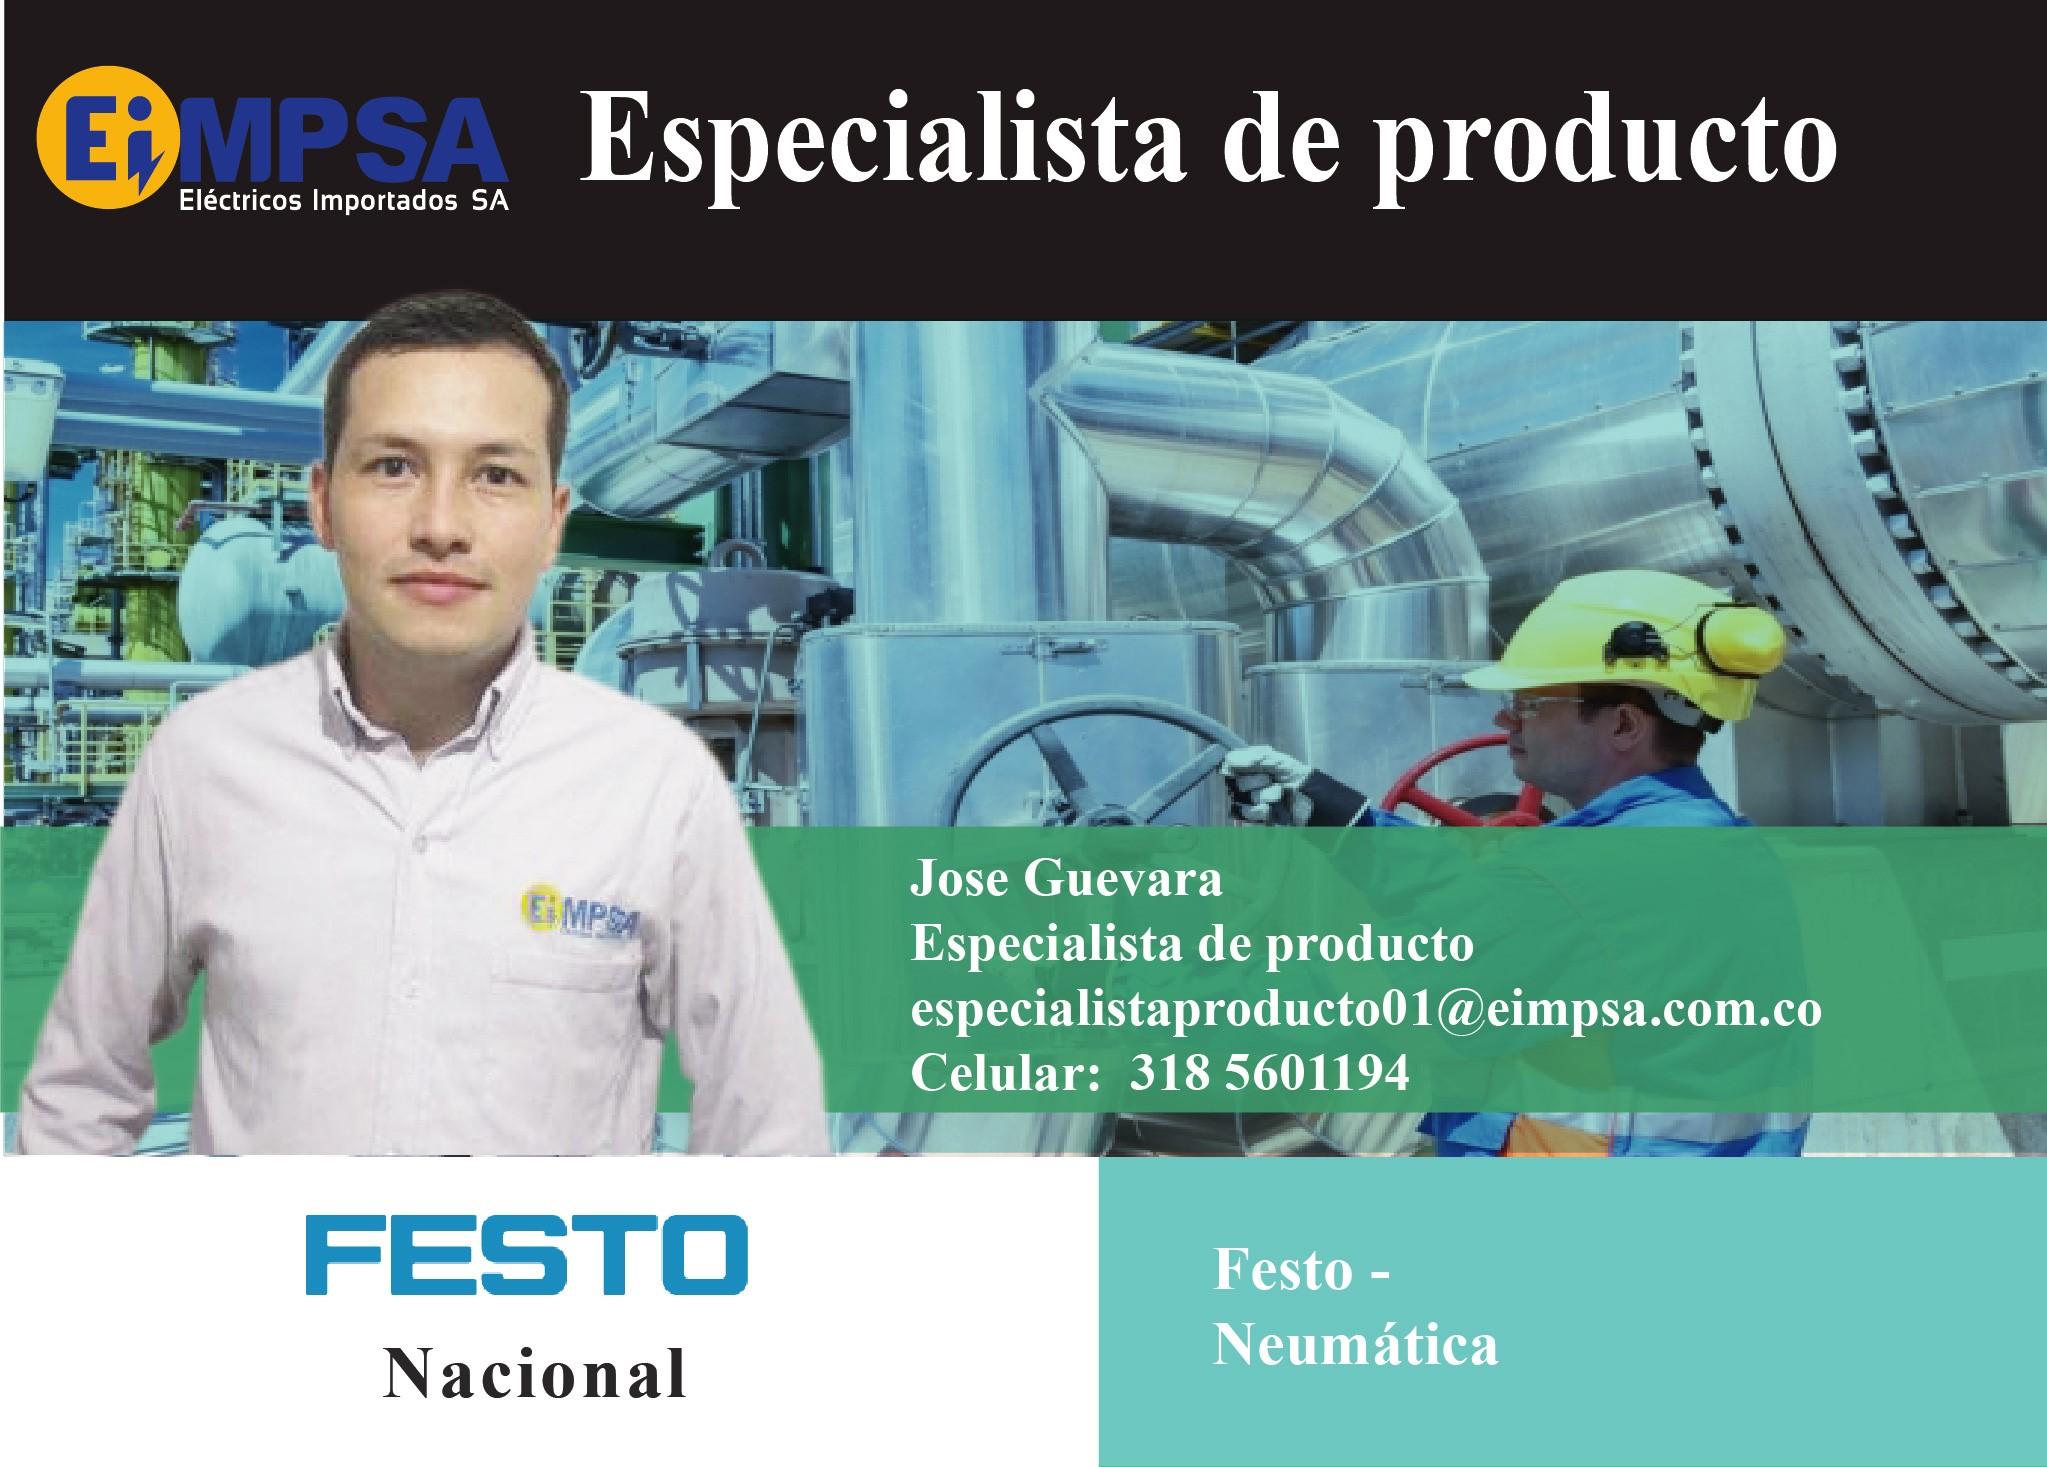 Fichas presentación especialista-FESTO Jose Guevara